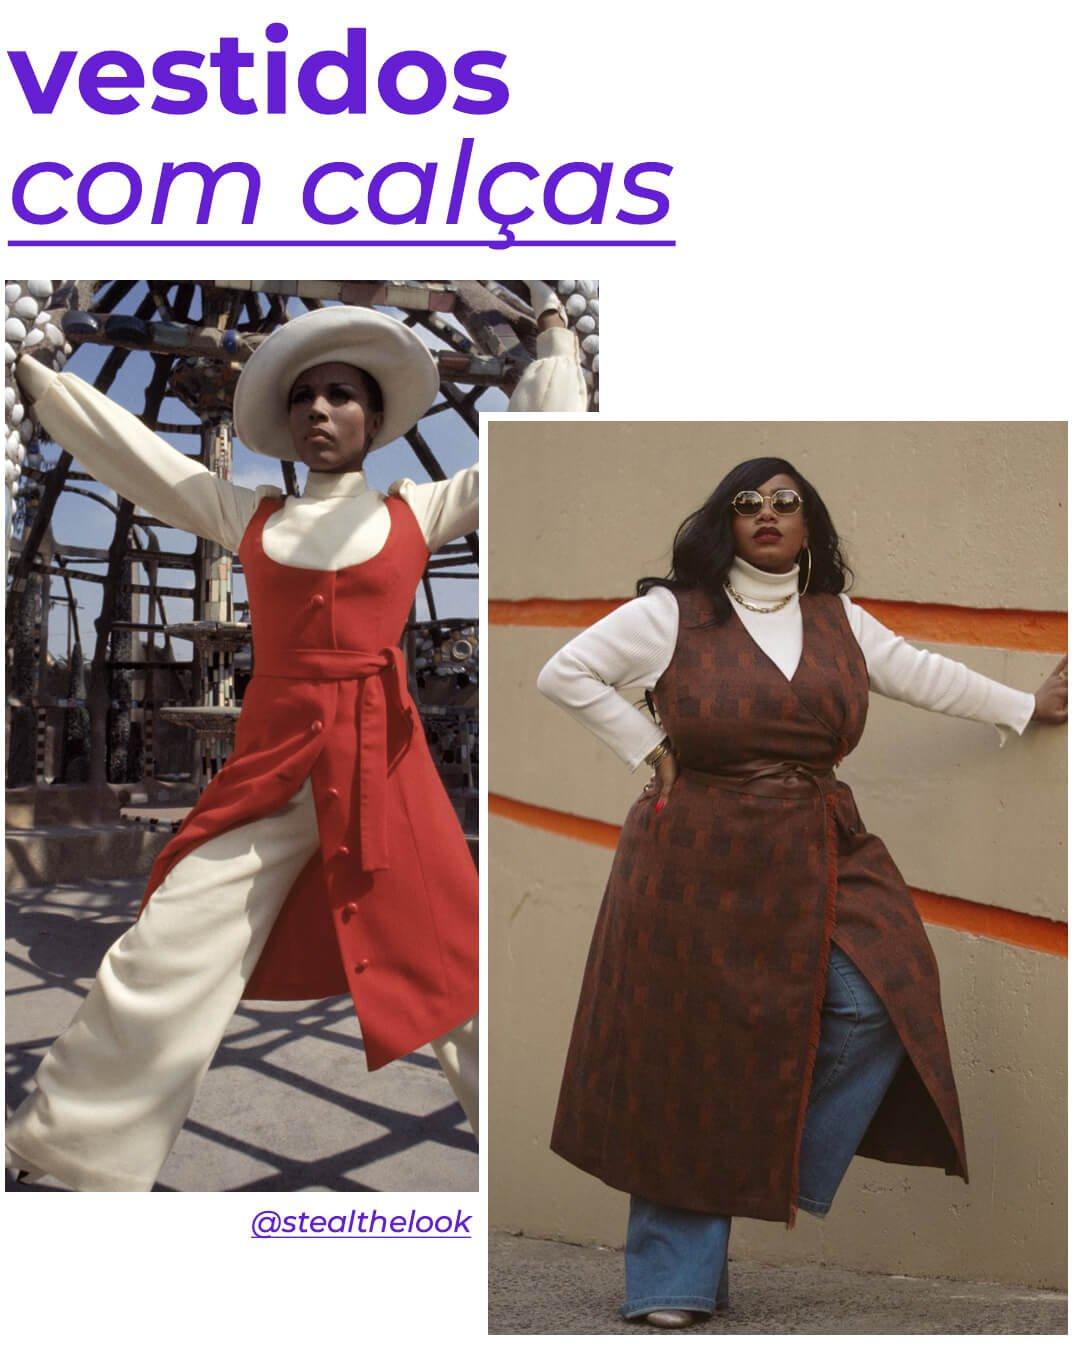 Diahann Carroll, Kelly Augustine - moda dos anos 60 - moda anos 60 - verão - street style - https://stealthelook.com.br